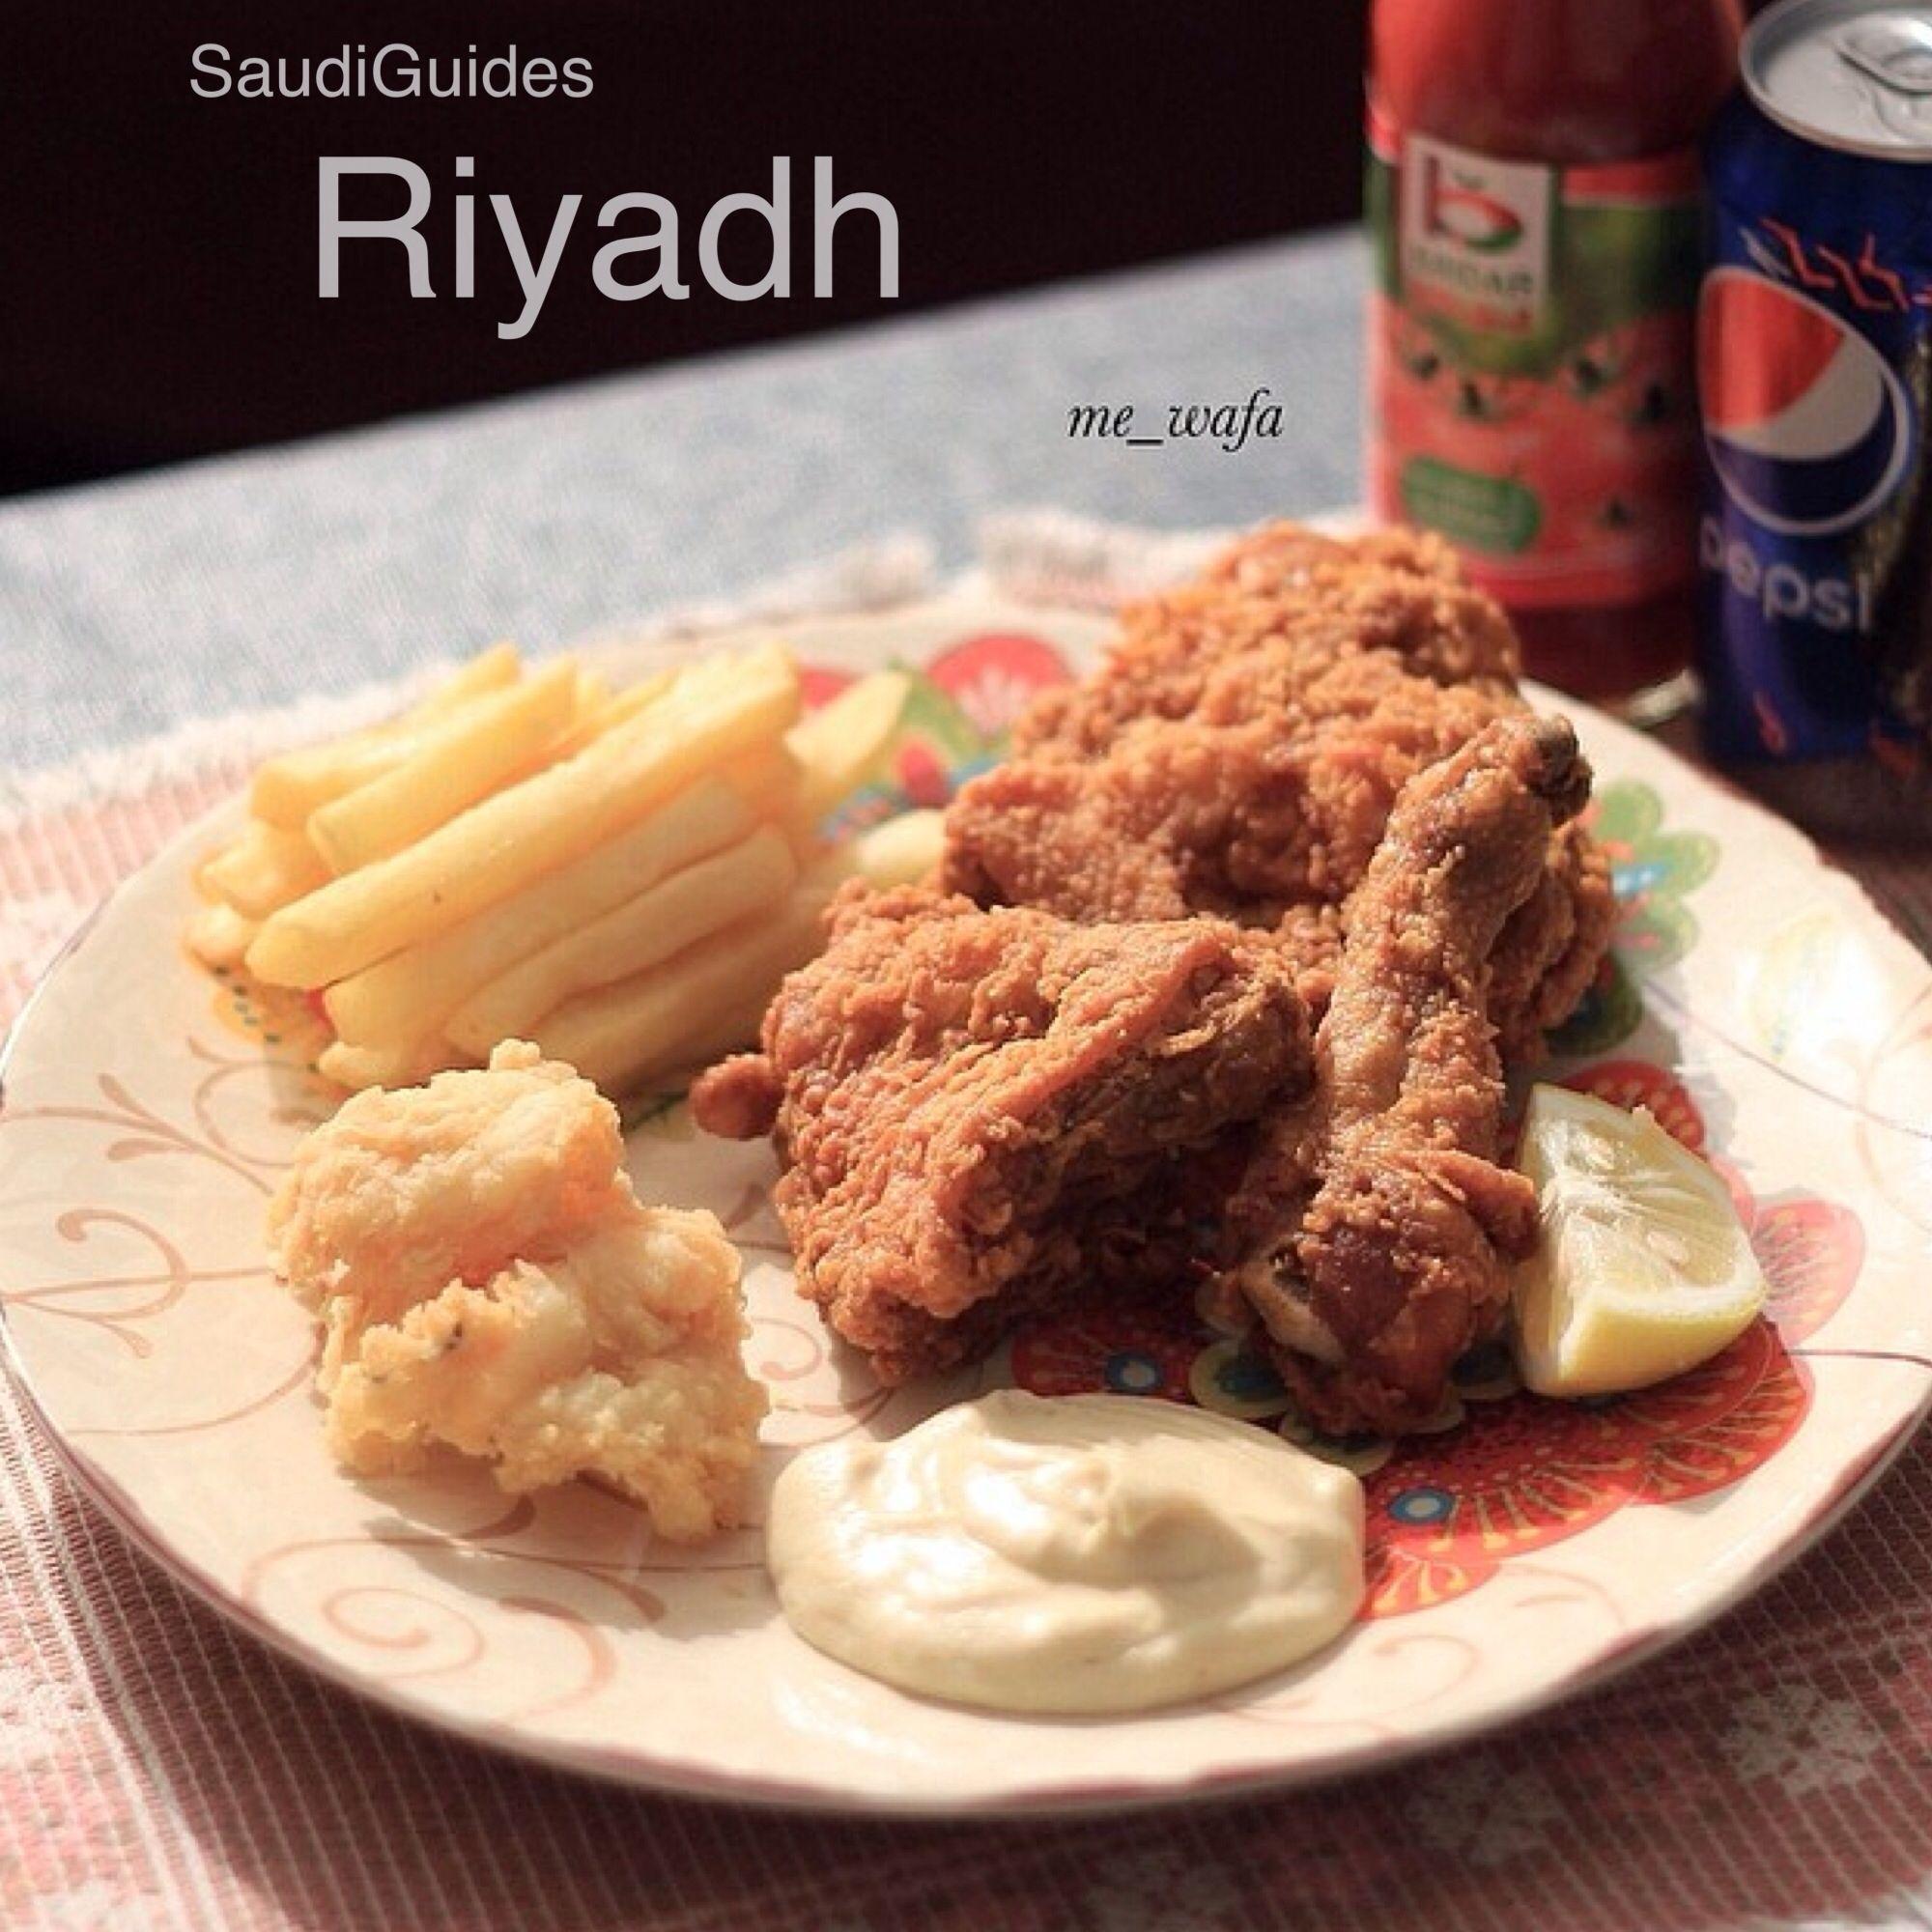 بروستد القنديل الذهبي تصوير Me Wafa حي الملك فهد الرياض السعودية الخريطة والتفاصيل على موقعنا الرابط في البايو Mysaudiguides Com ص Food Breakfast